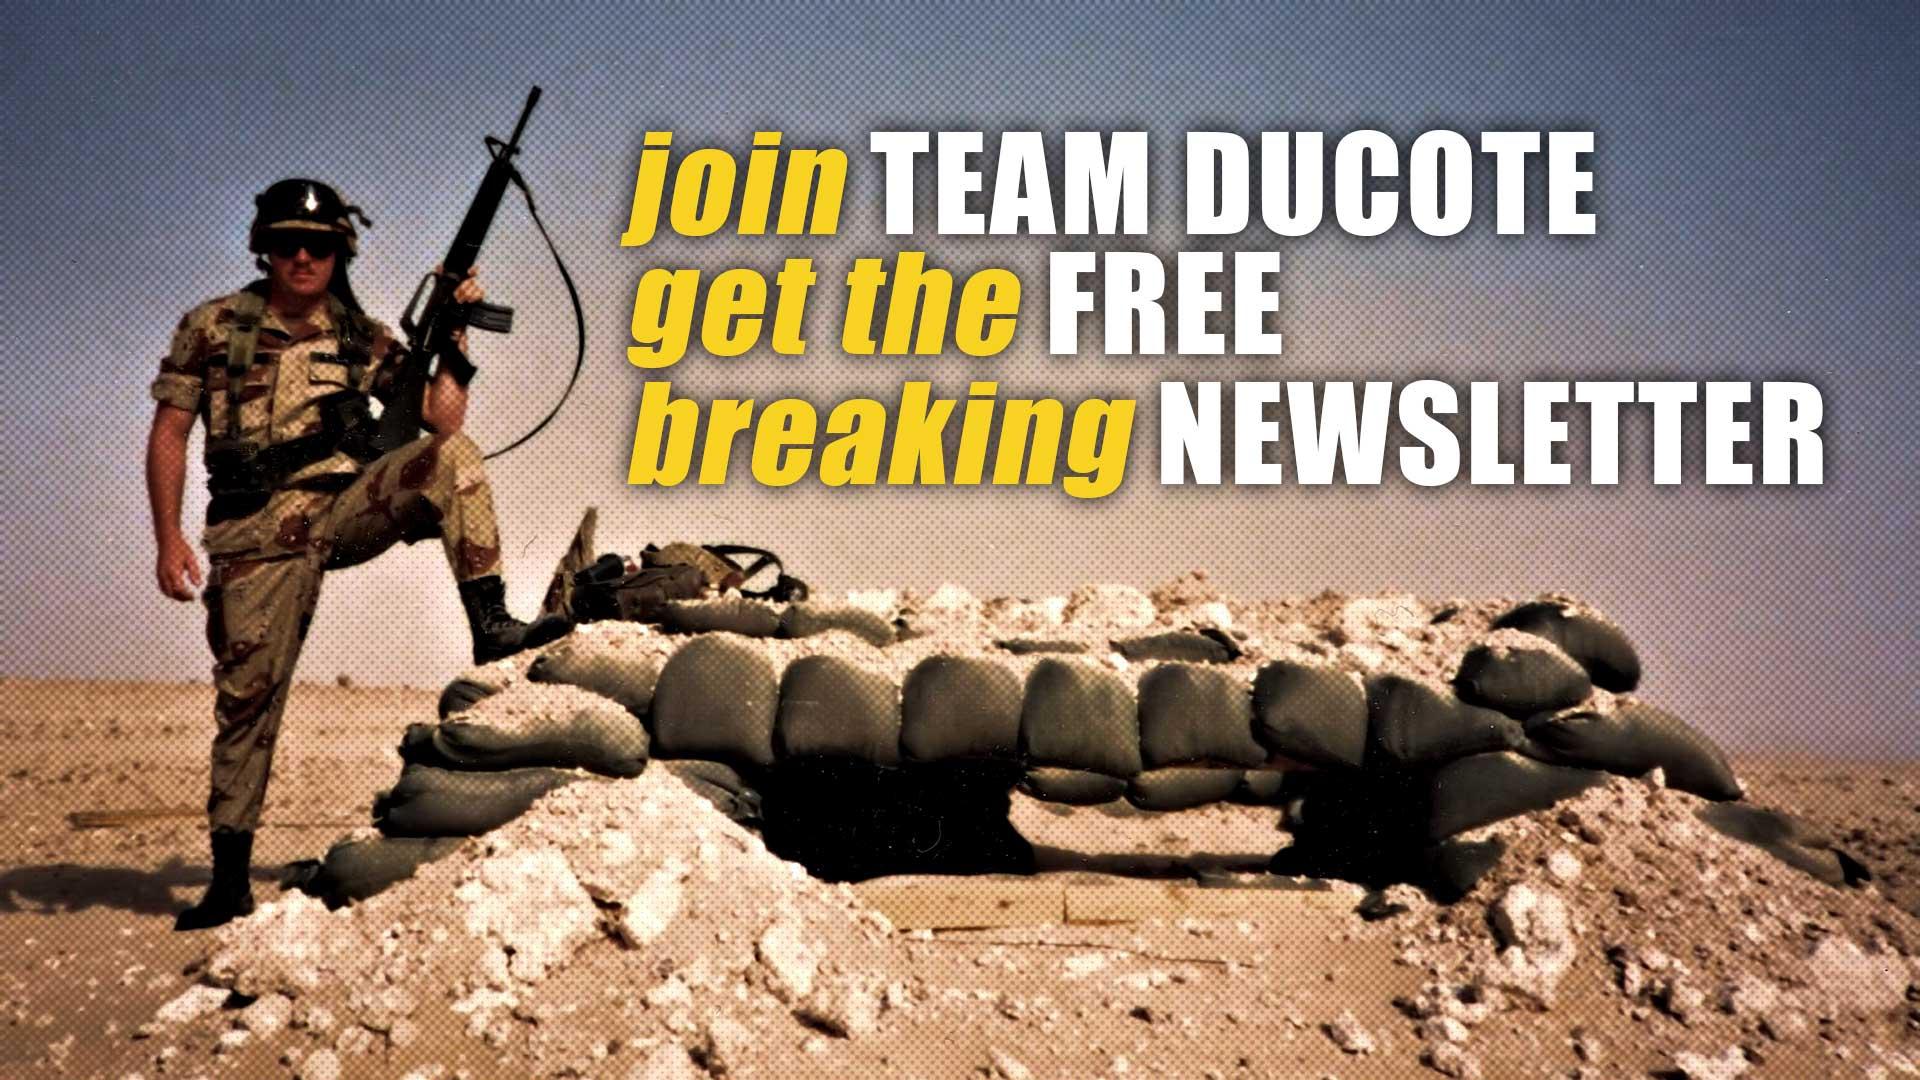 Douglas Ducote Newsletter